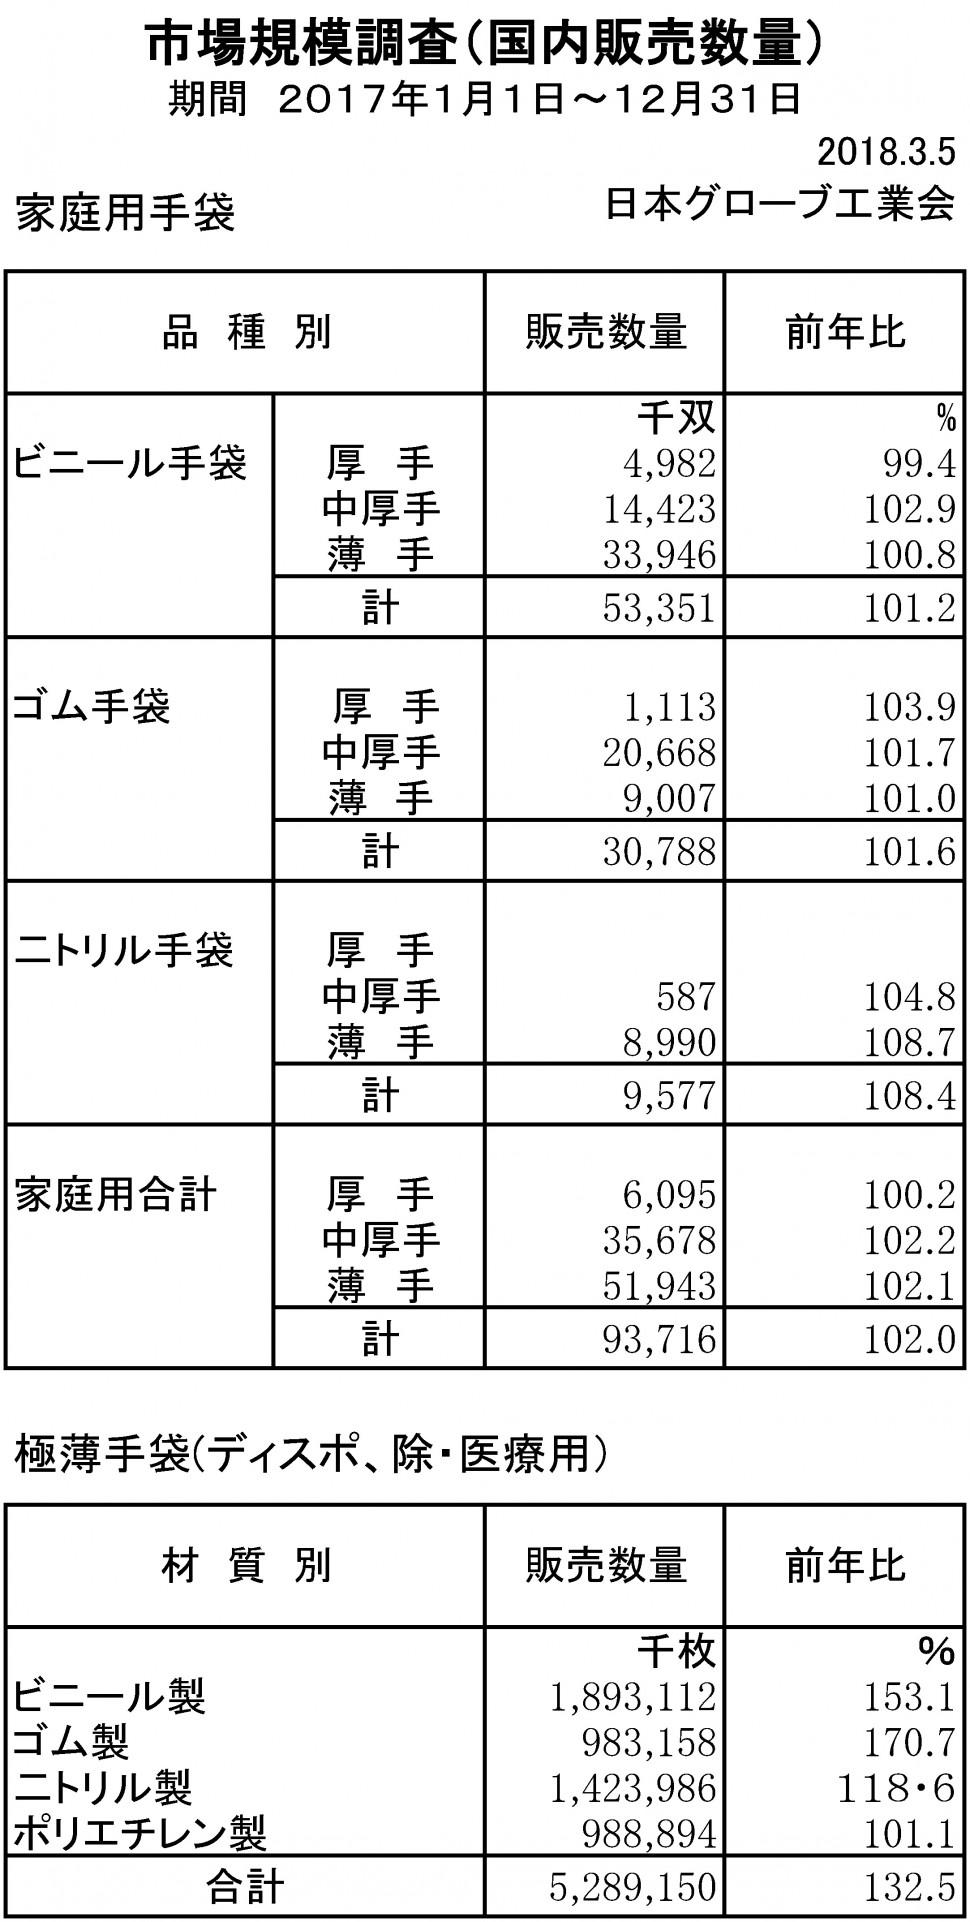 2017年手袋市場規模調査(家庭用)